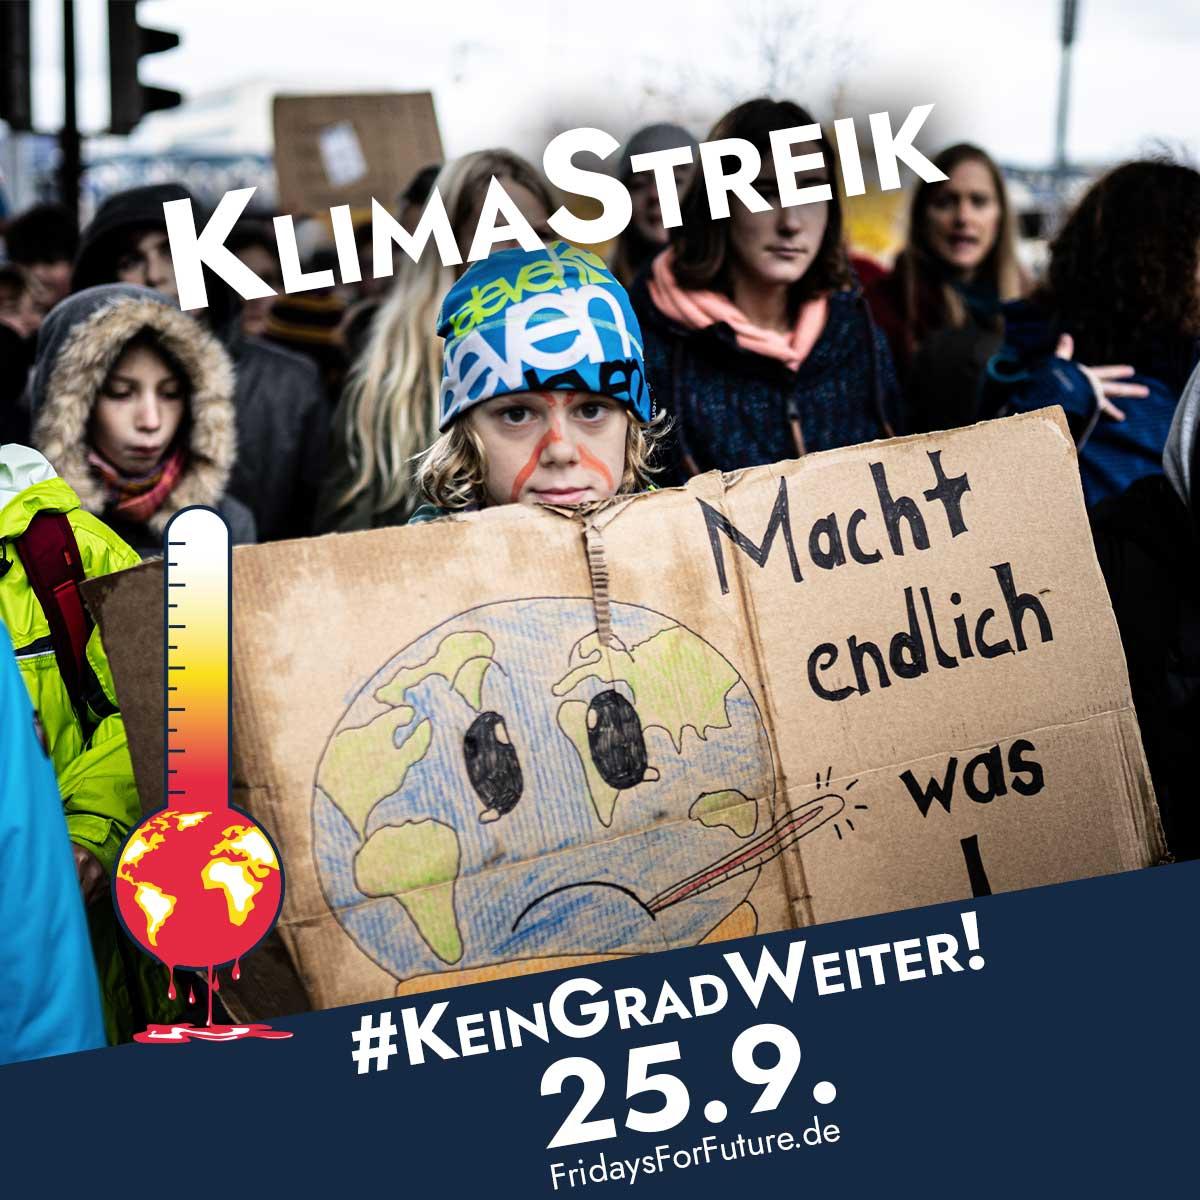 Klimastreik am 25.09!